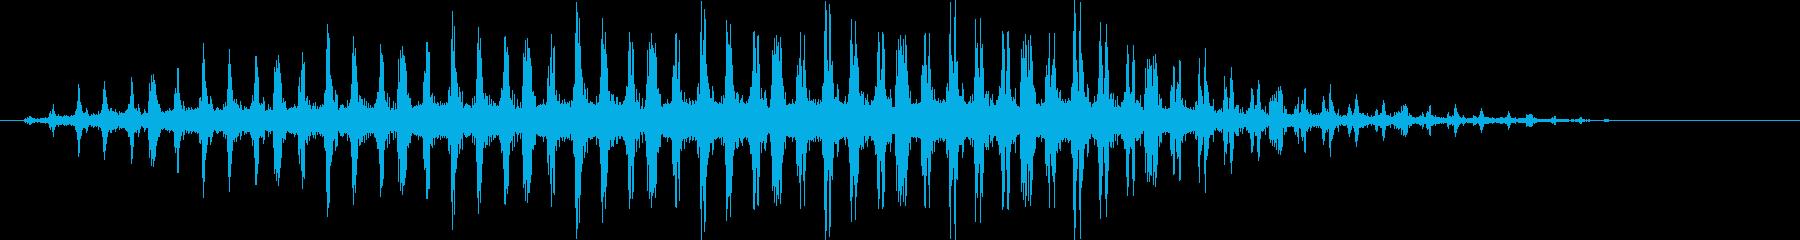 バラバラバラバラ… (ヘリコプターの音)の再生済みの波形